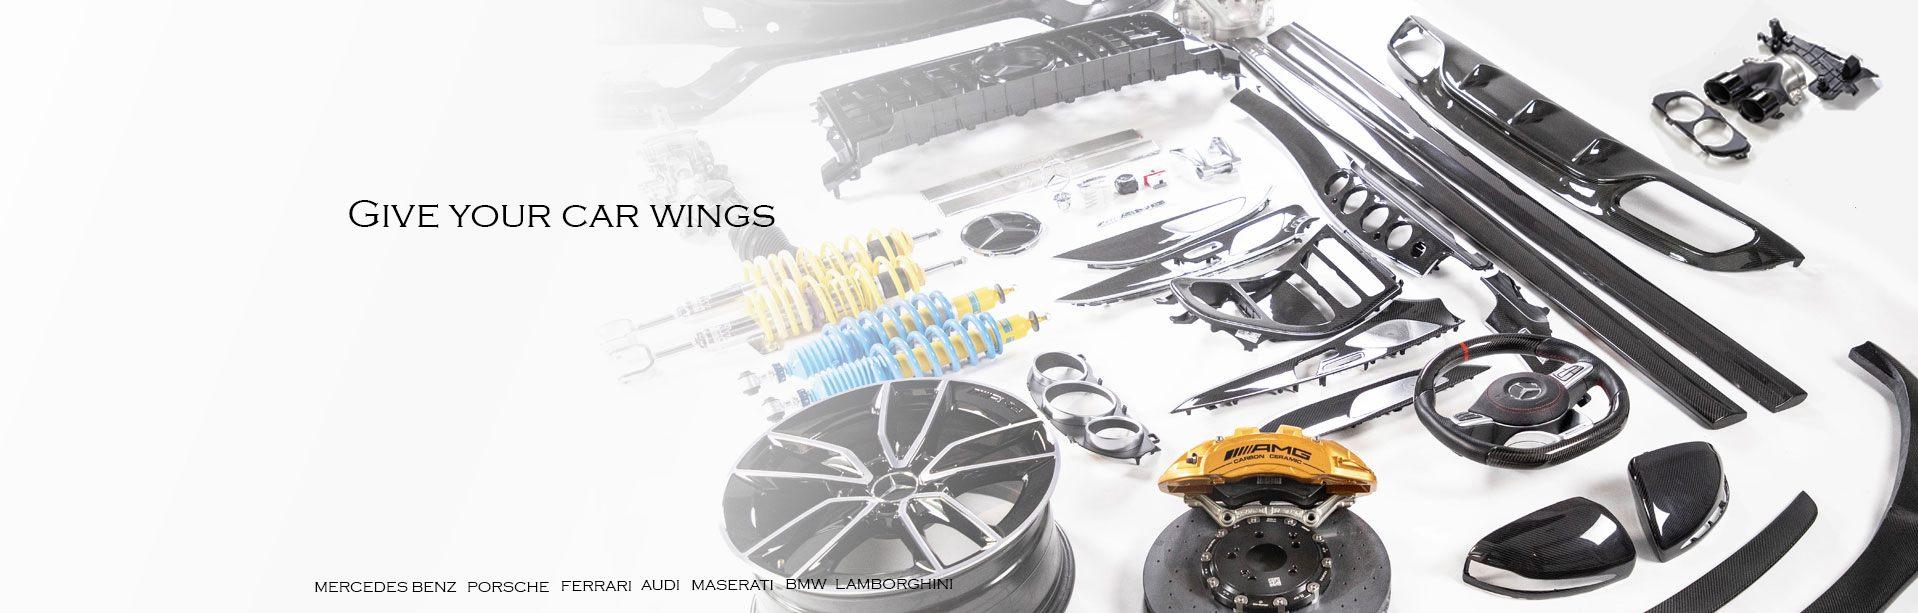 Flinstone autoparts ศูนย์รวมของแต่ง Mercedes Benz